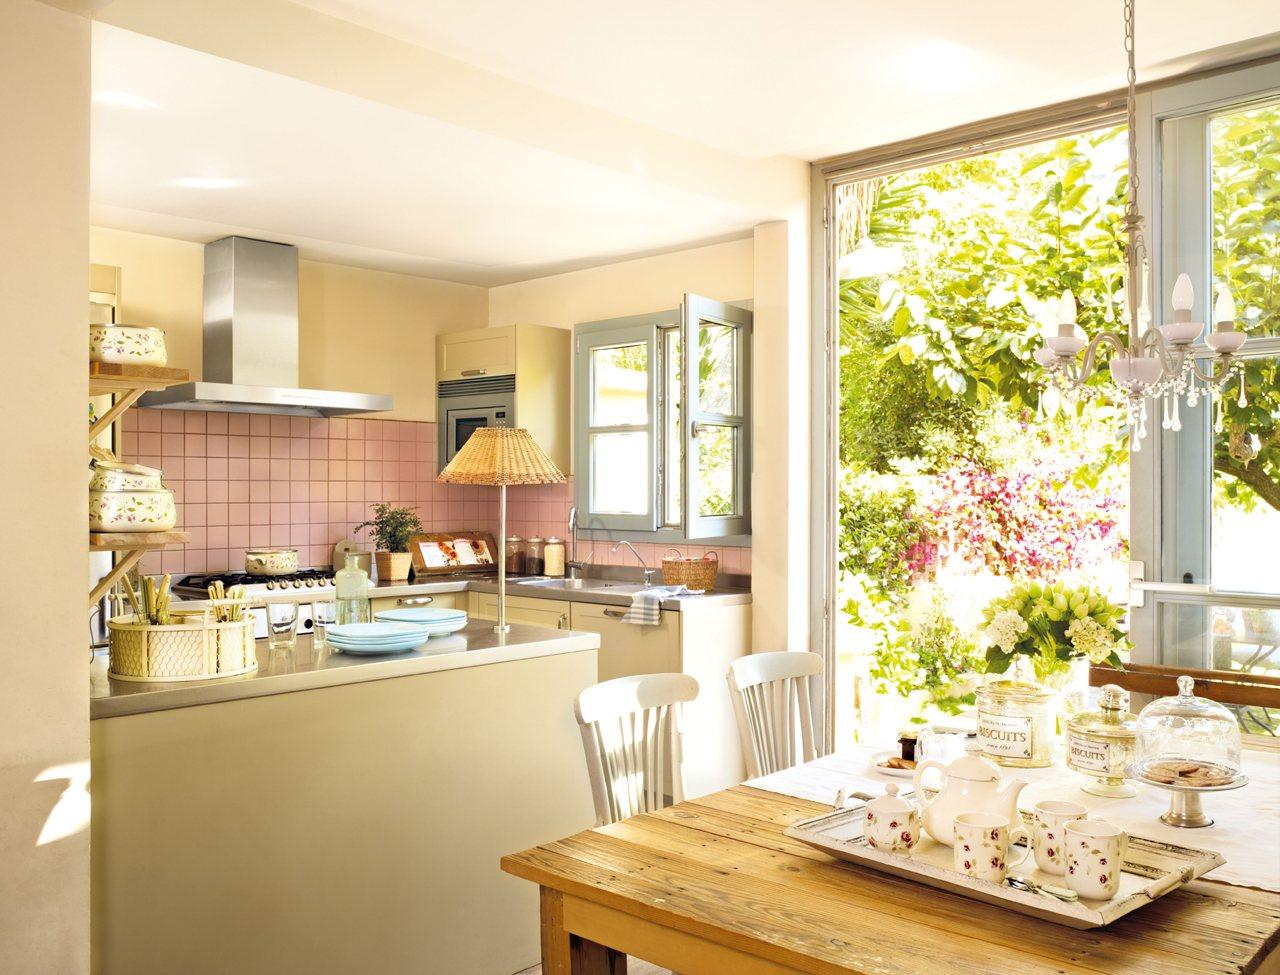 Ideas para espacios peque os - Cocina con ninos pequenos ...